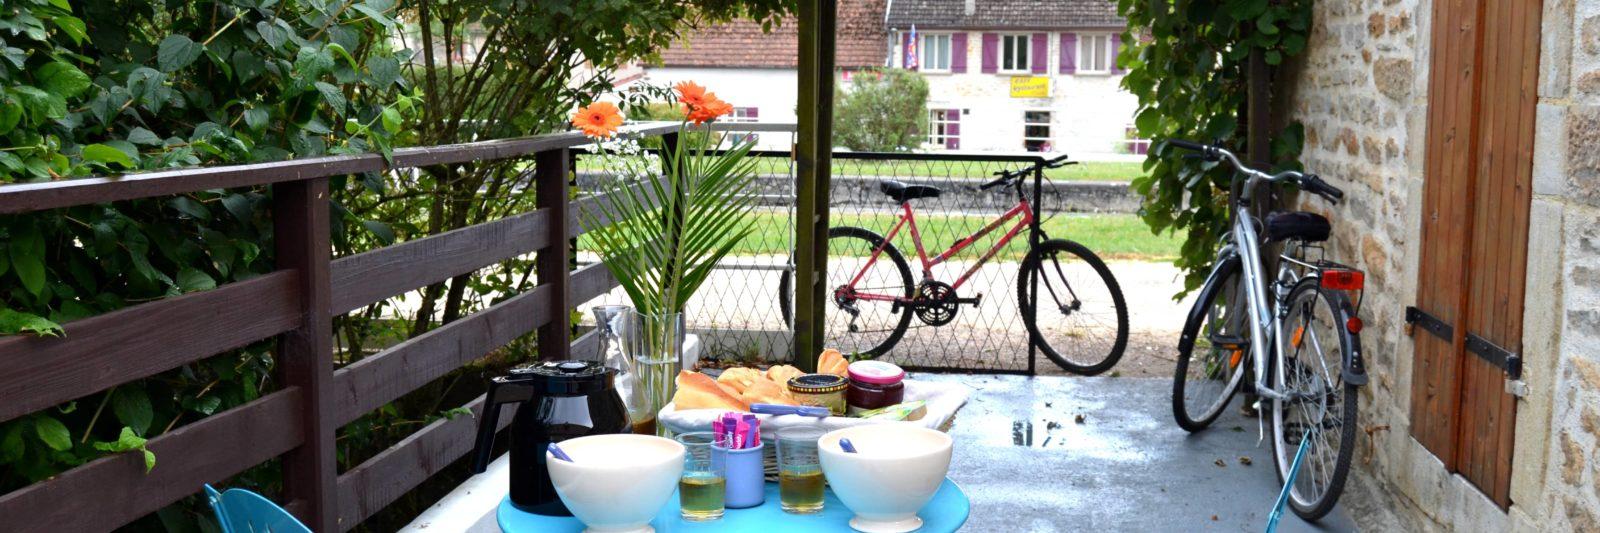 terrasse avec table et chaises ainsi que la piste cyclable du canal de Bourgogne